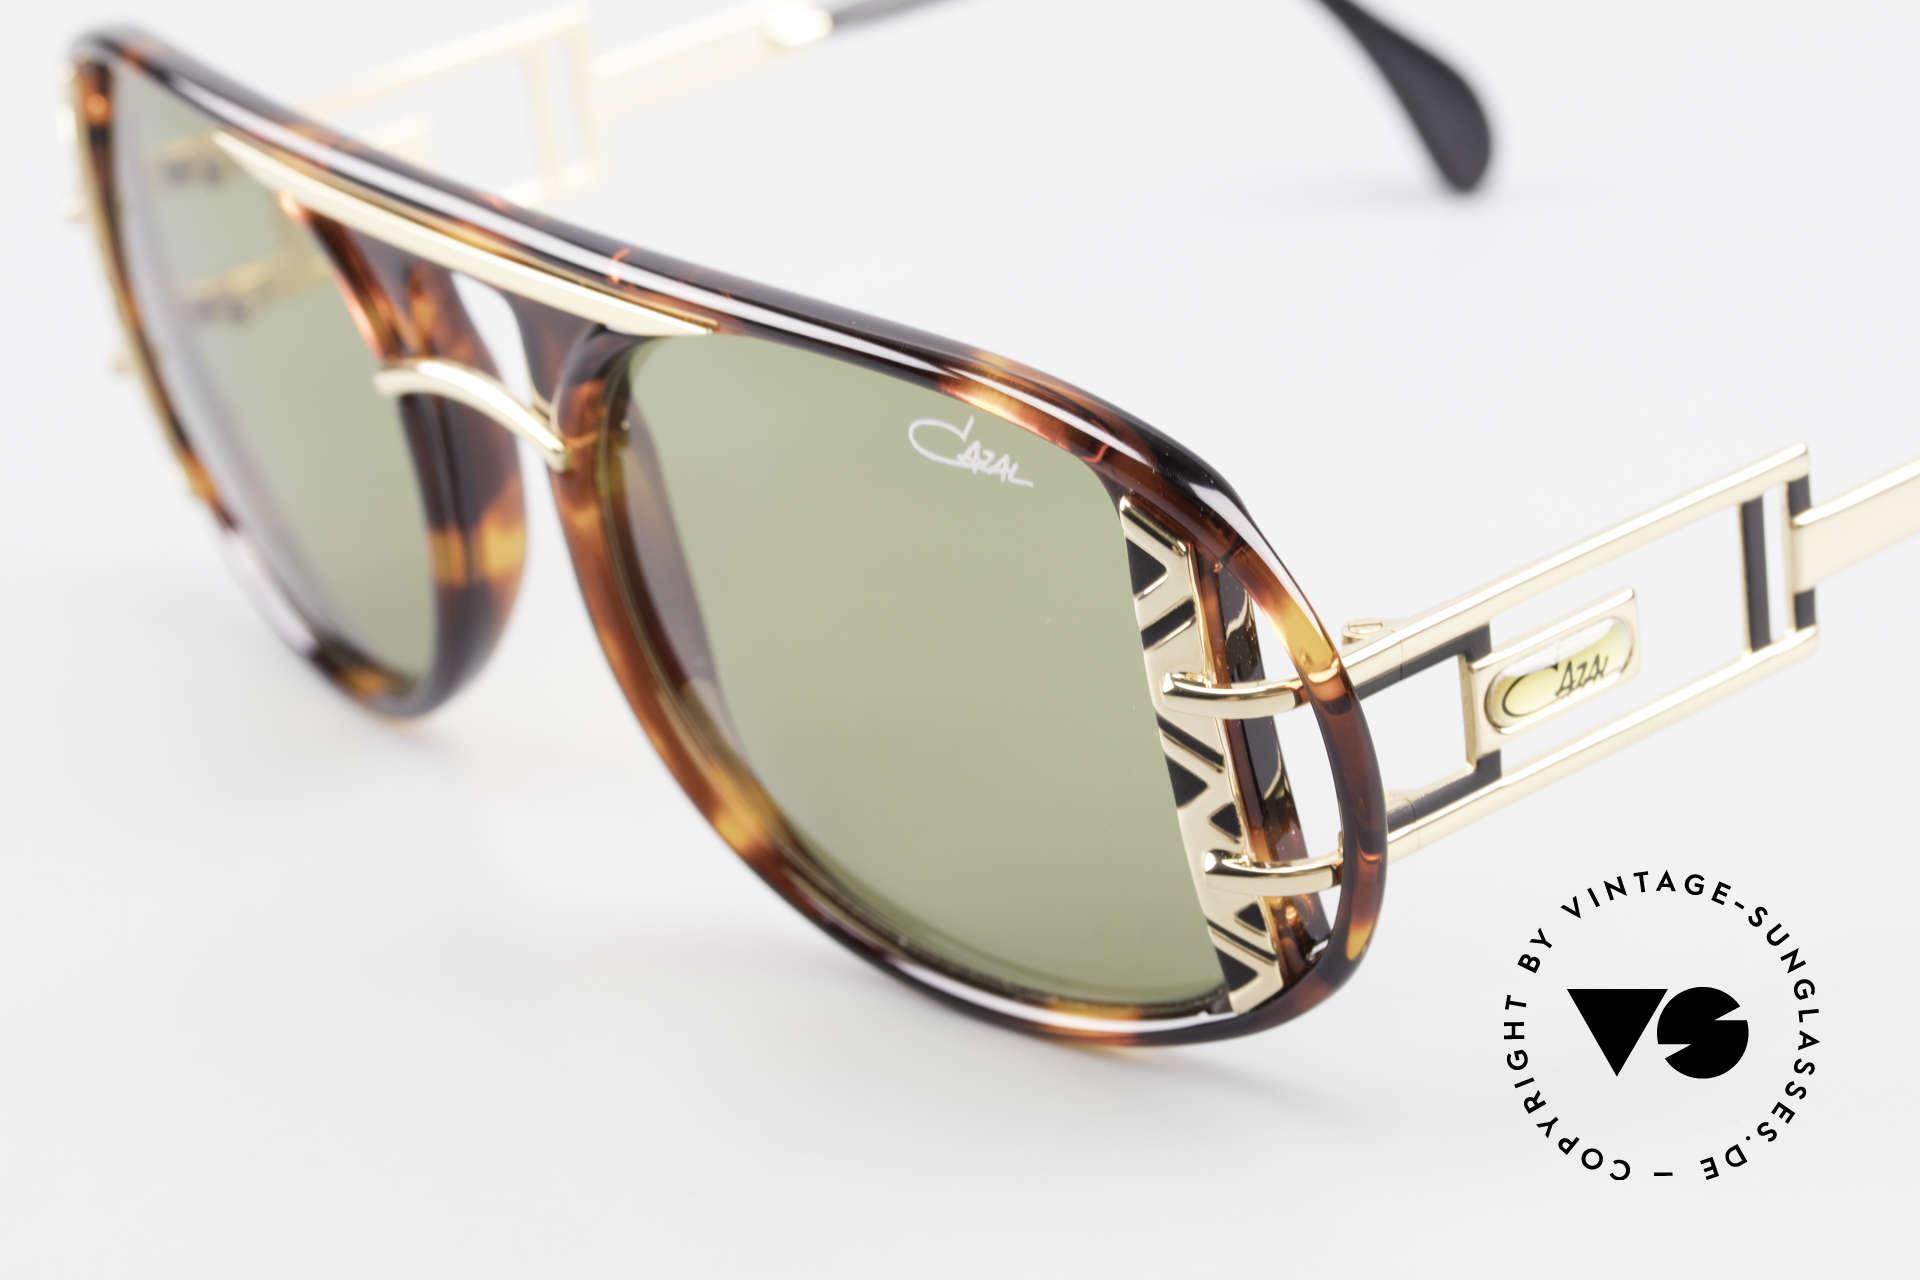 Cazal 875 90er Designer Sonnenbrille, ungetragen (wie alle unsere Original-Designerbrillen), Passend für Herren und Damen